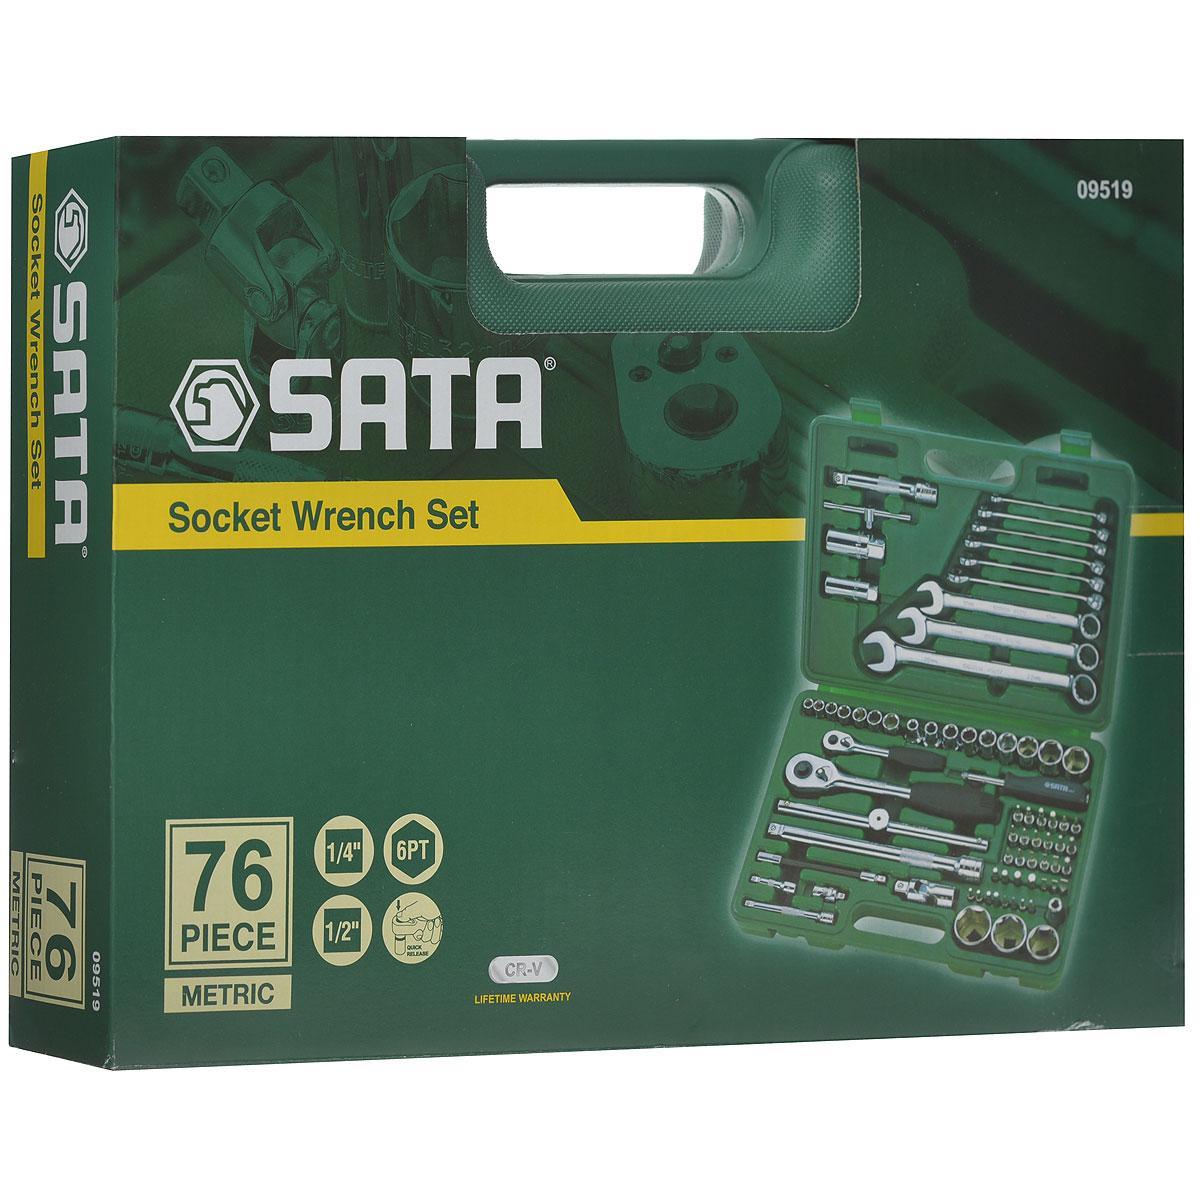 Набор инструментов SATA 76пр. 0951909519Набор инструментов Sata - это необходимый предмет в каждом доме. Он включает в себя 76 предметов, которые умещаются в небольшом пластиковом кейсе. Такой набор будет идеальным подарком мужчине.Состав набора:Биты шлицевые: 8 мм, 10 мм, 12 мм. Биты POZI: PZ1, PZ4. Биты Phillips: РН3, РН4. Биты TORX: Т40, T45, T50, T55. Биты HEX: 9 мм, 10 мм, 12 мм, 14 мм. Ключ свечной 1/2: 16 мм. Ключ свечной 1/2: 21мм. Биты шлицевые с хвостовиком под ключ 1/4: 4 мм, 5,5 мм, 6,5 мм. Биты POZI с хвостовиком под ключ 1/4: PZ1, PZ2. Биты Phillips с хвостовиком под ключ 1/4: PH1, PH2. Биты TORX с хвостовиком под ключ 1/4: Т8, T10, T15, T20, T25, T30, T40. Биты HEX с хвостовиком под ключ 1/4: 3 мм, 4 мм, 5 мм, 6 мм. Привод 1/2. Рукоятка реверсивная 1/2. Удлинитель 1/2: 125мм. Удлинитель 1/2: 250 мм. Вороток 1/2: 250 мм. Шарнир карданный 1/2. Адаптер для битов 1/2. Головки торцевые шестигранные 1/4: 8 мм, 9 мм, 10 мм, 11 мм, 12 мм, 13 мм, 14 мм. Головки торцевые шестигранные 1/2: 8 мм, 10 мм, 12 мм, 13 мм, 14 мм, 17 мм, 19 мм, 22 мм, 24 мм, 27 мм, 30 мм, 32 мм. Ключи комбинированные: 8 мм, 10 мм, 11 мм, 12 мм, 13 мм, 14 мм, 17 мм, 19 мм, 22 мм. Привод 1/4. Рукоятка реверсивная 1/4. Удлинитель 1/4: 50 мм. Удлинитель 1/4: 100 мм. Вороток 1/4: 100 мм. Рукоятка отверточная 1/4. Шарнир карданный 1/4. Удлинитель гибкий 1/4: 150 мм.